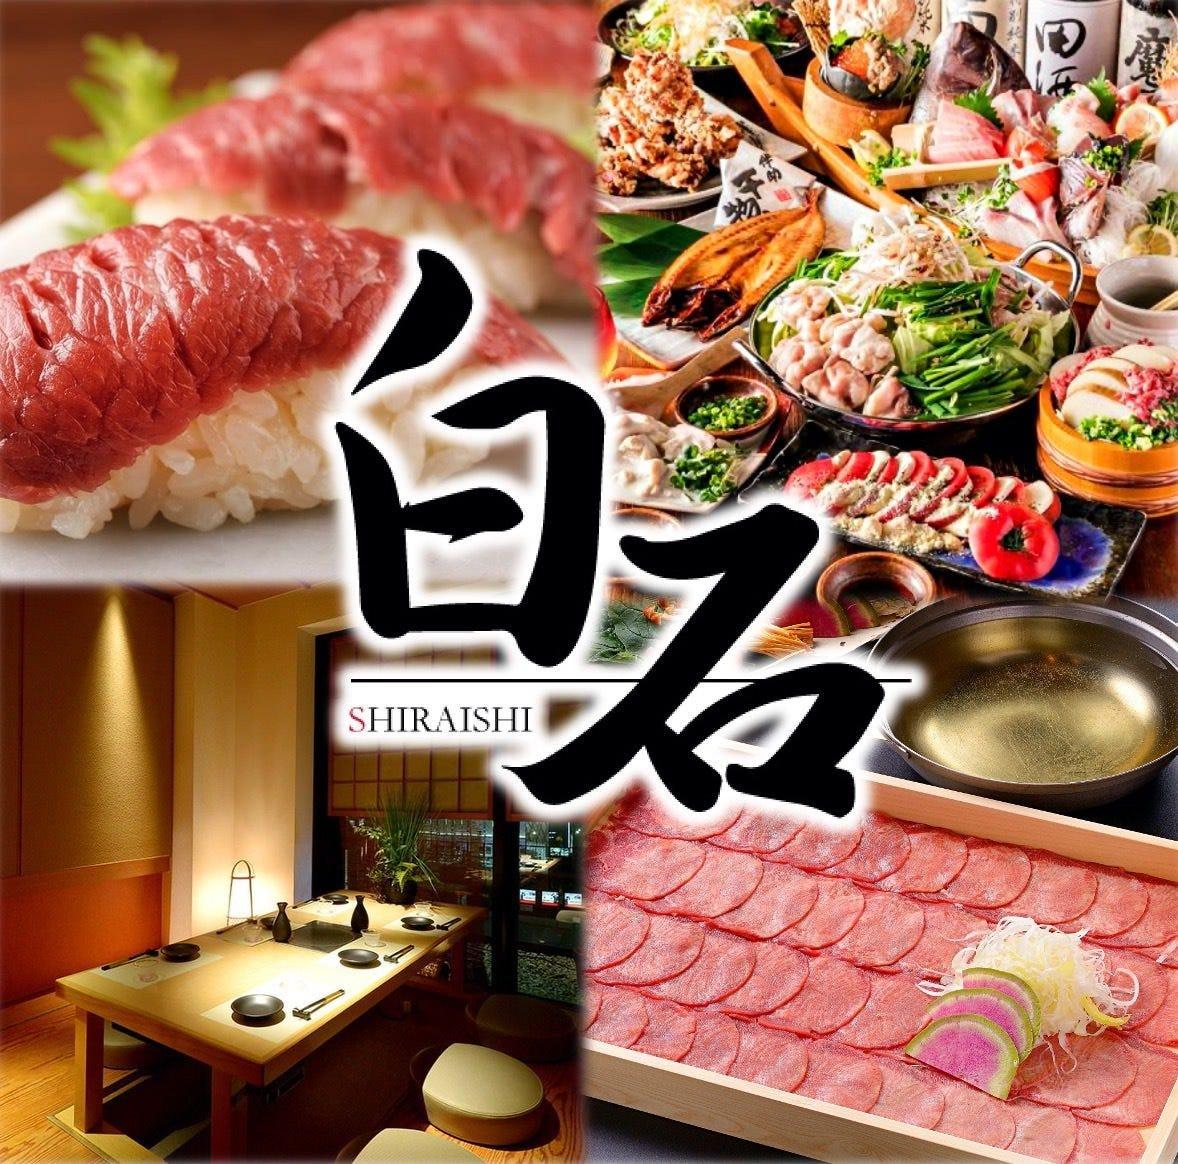 朝どれ鮮魚と和ノ個室 白石〜しらいし〜 静岡駅前店